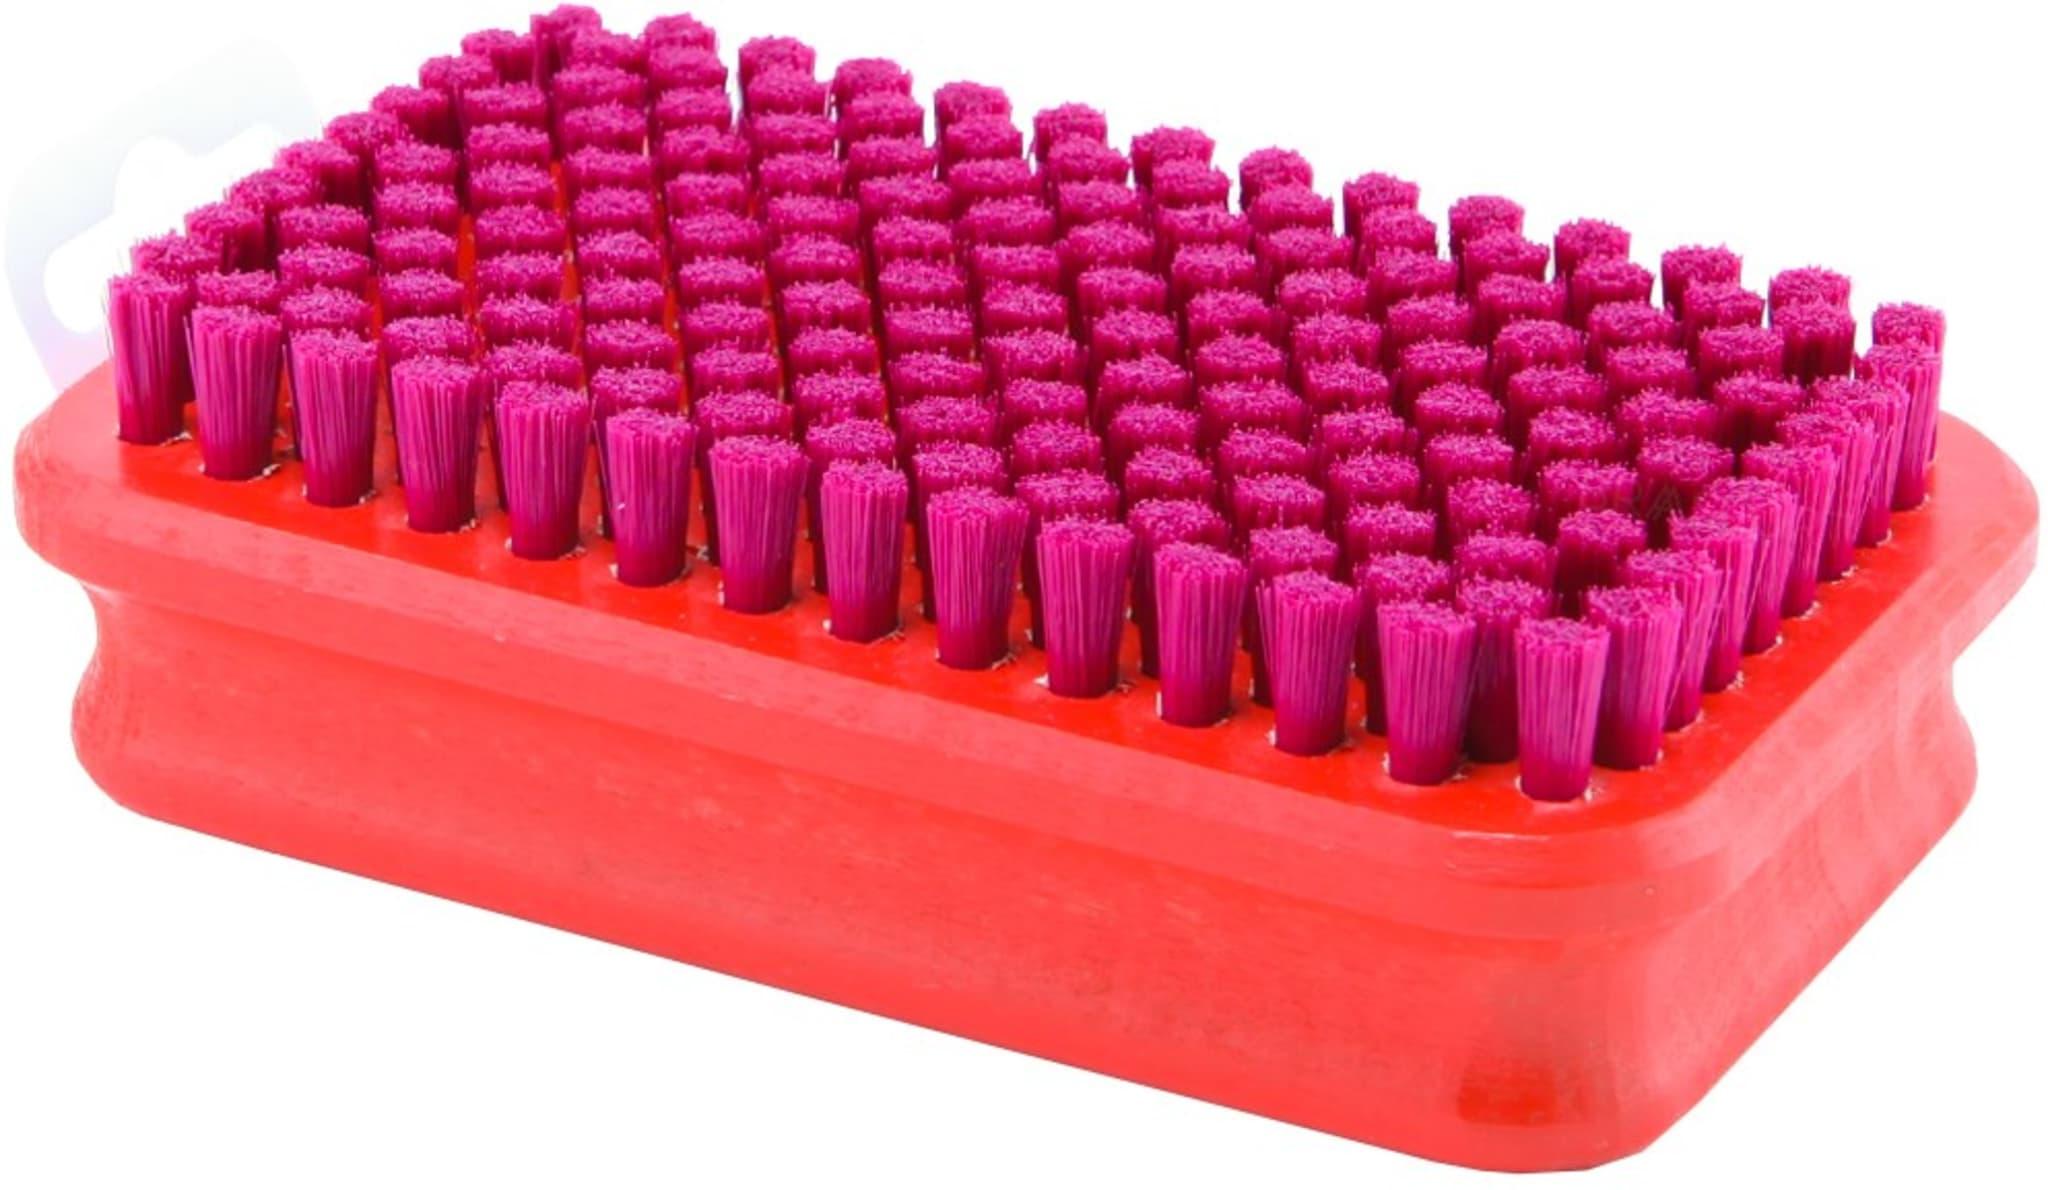 Finhåret nylonbørste til børsting etter bruk av flytende glider